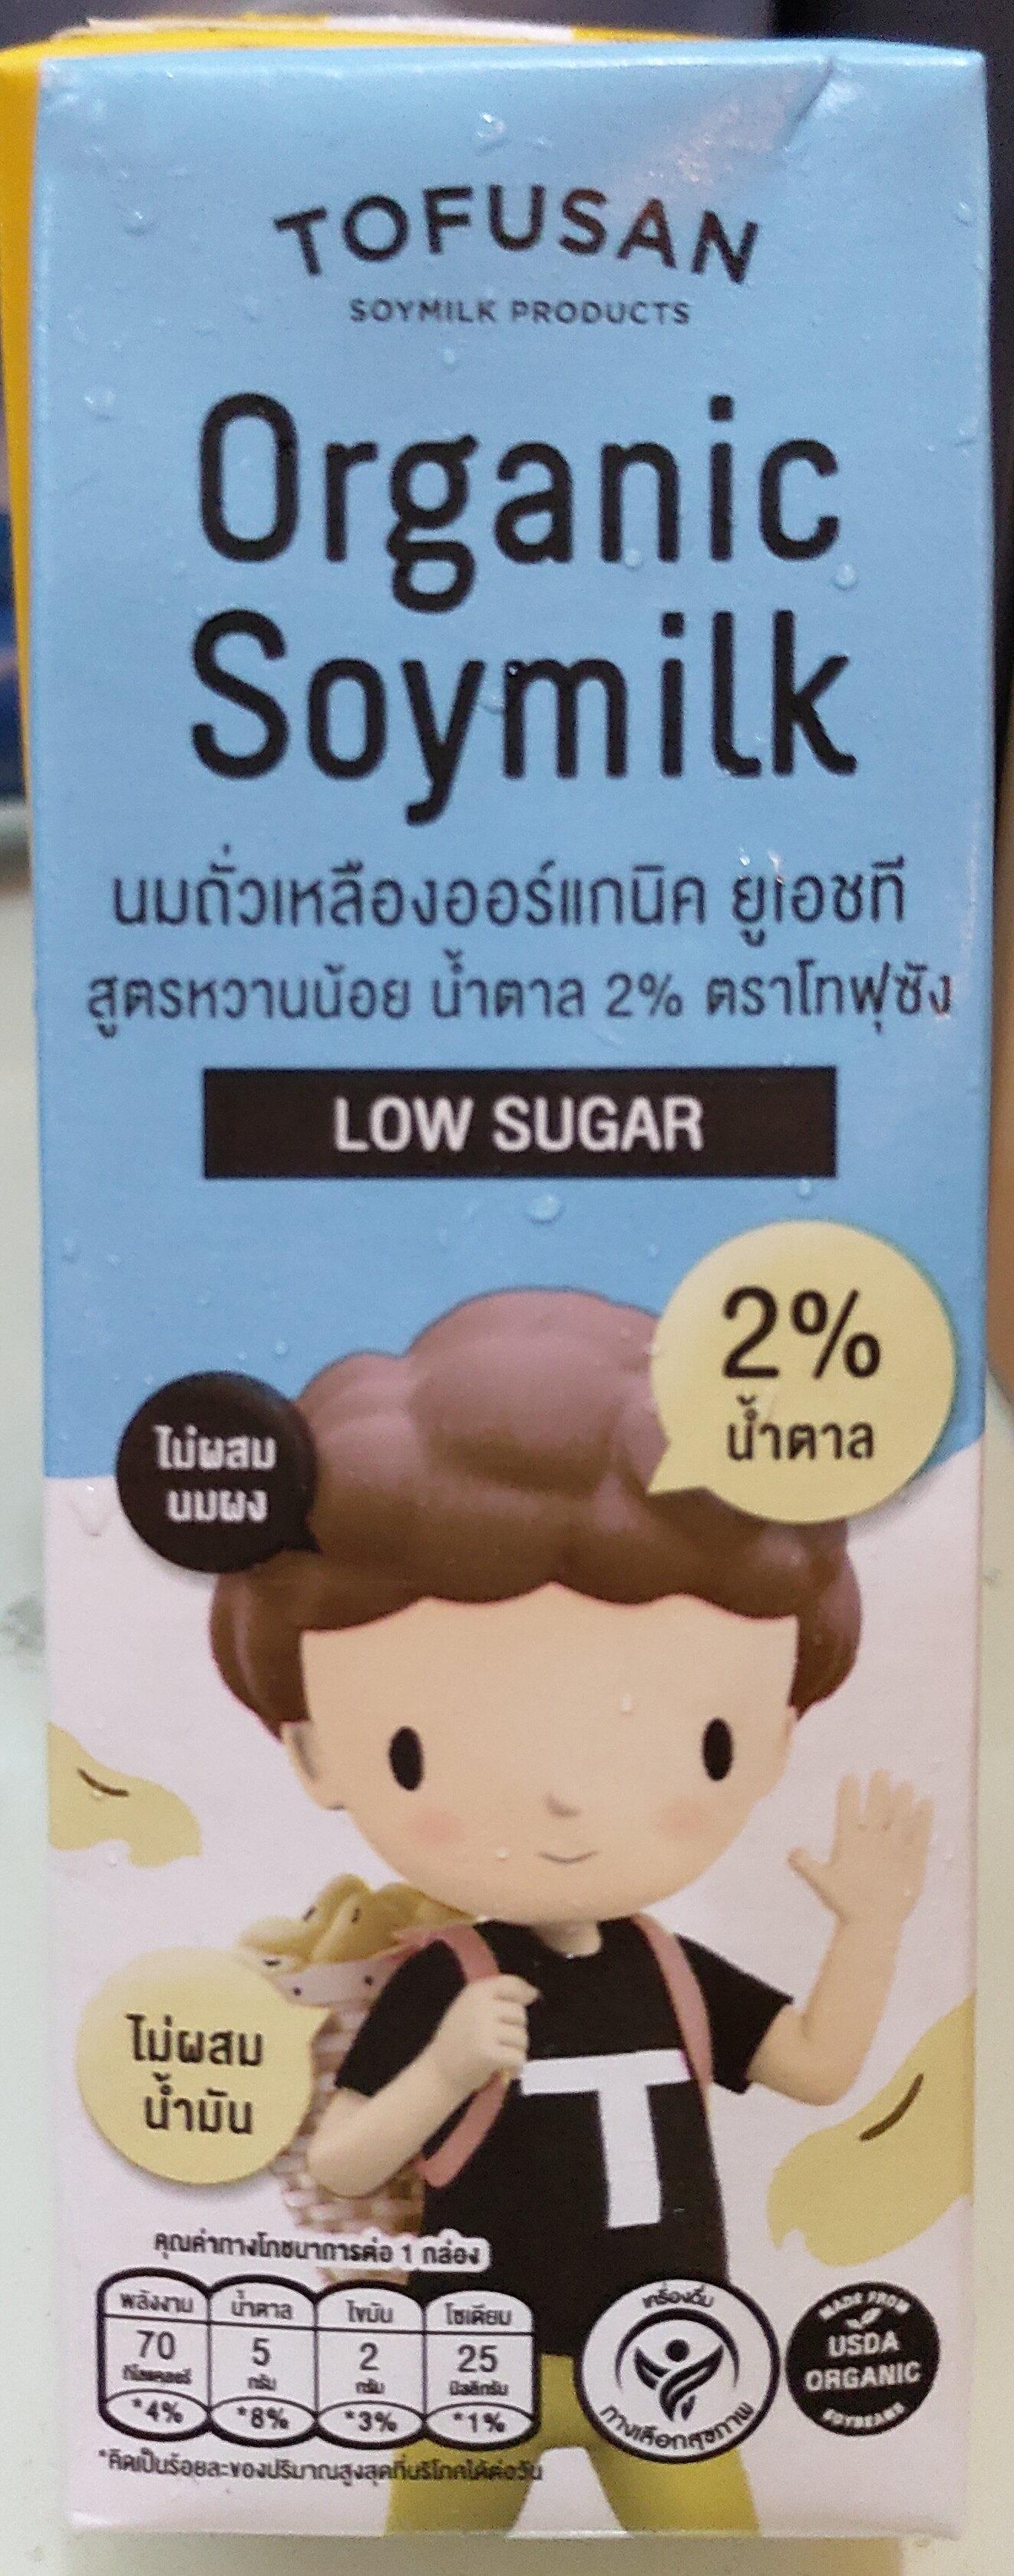 นมถั่วเหลือง สูตรหวานน้อย - Product